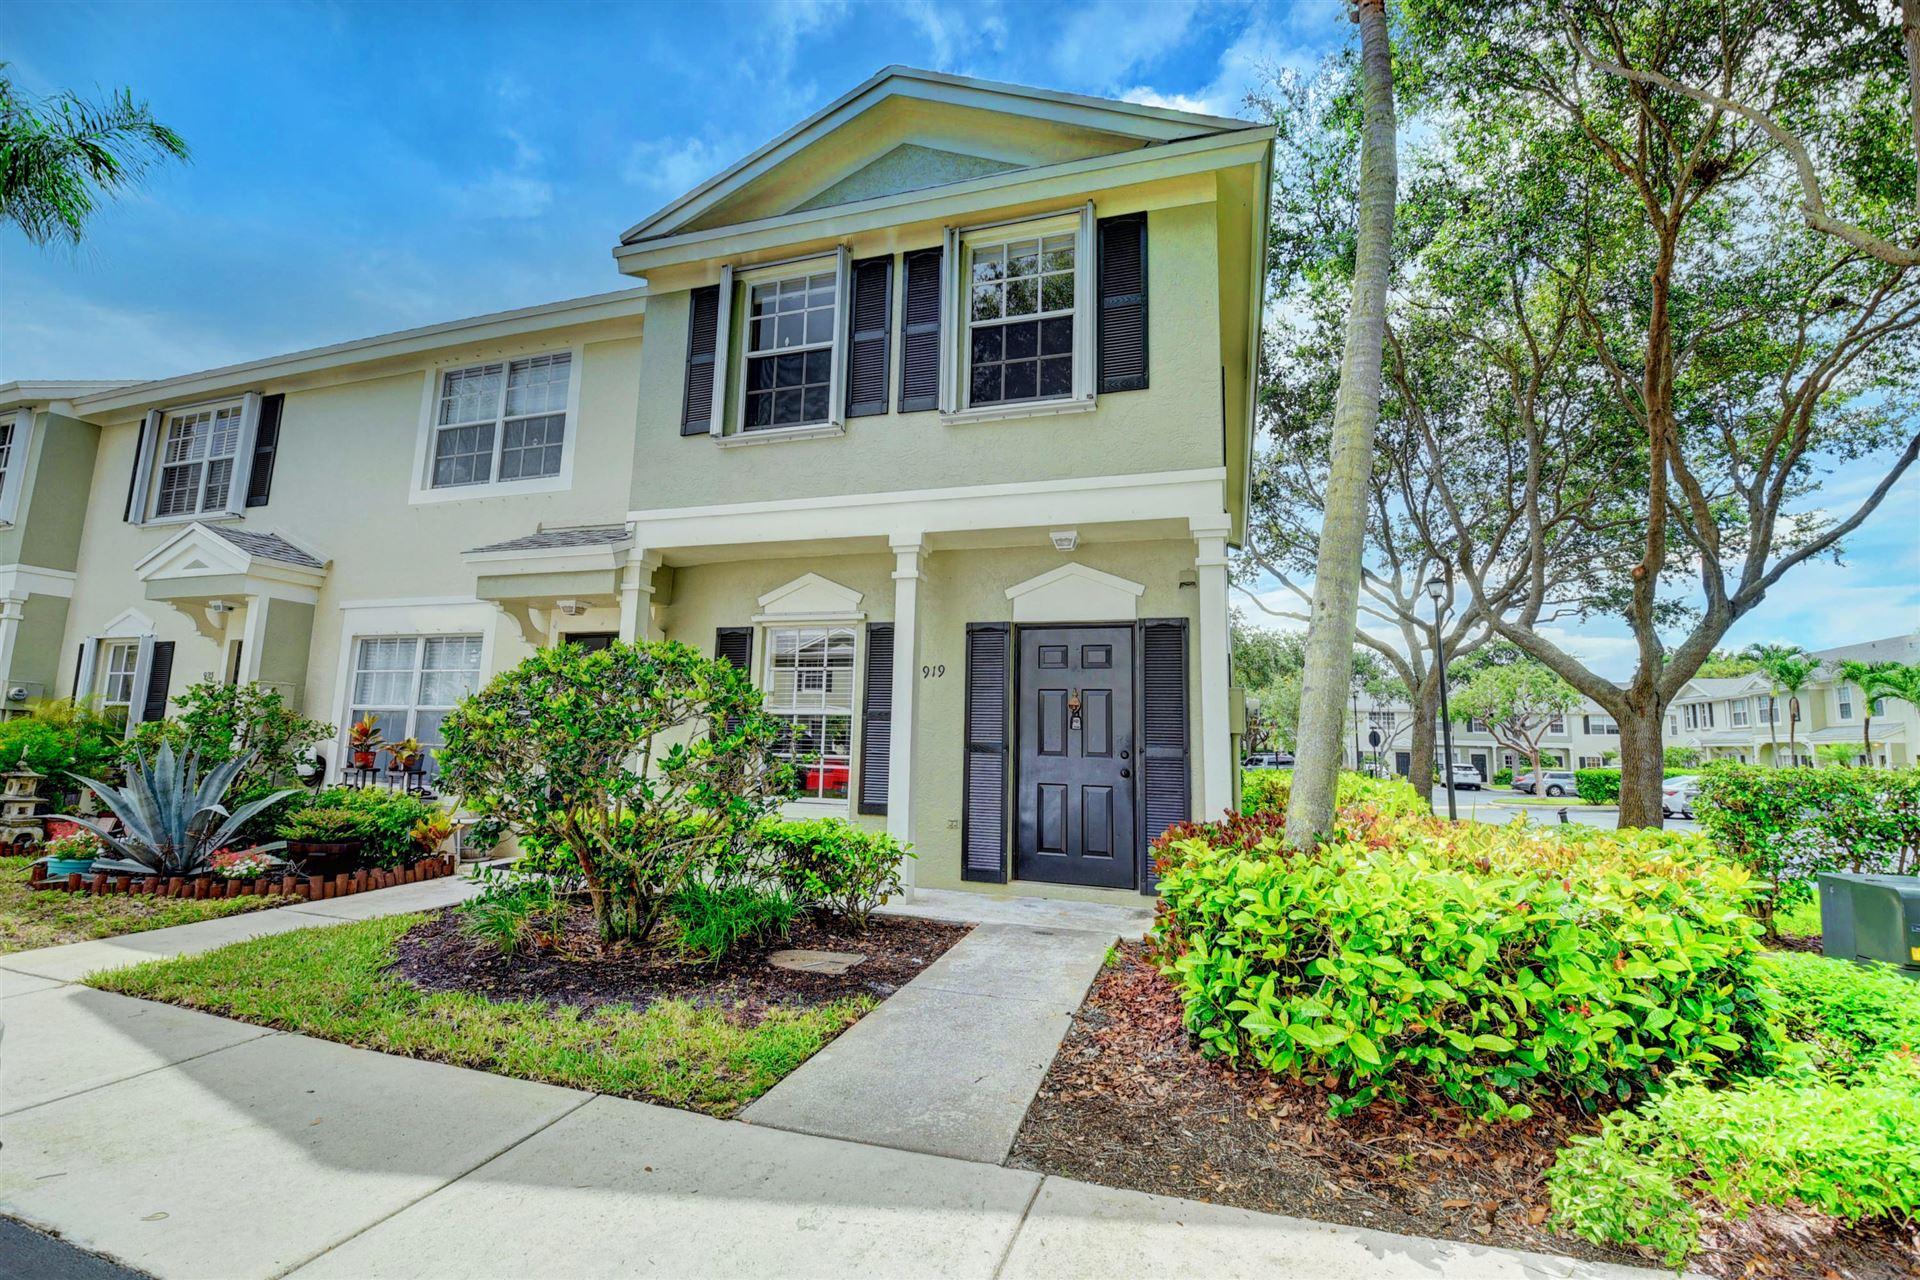 919 Kokomo Key Lane, Delray Beach, FL 33483 - #: RX-10631163